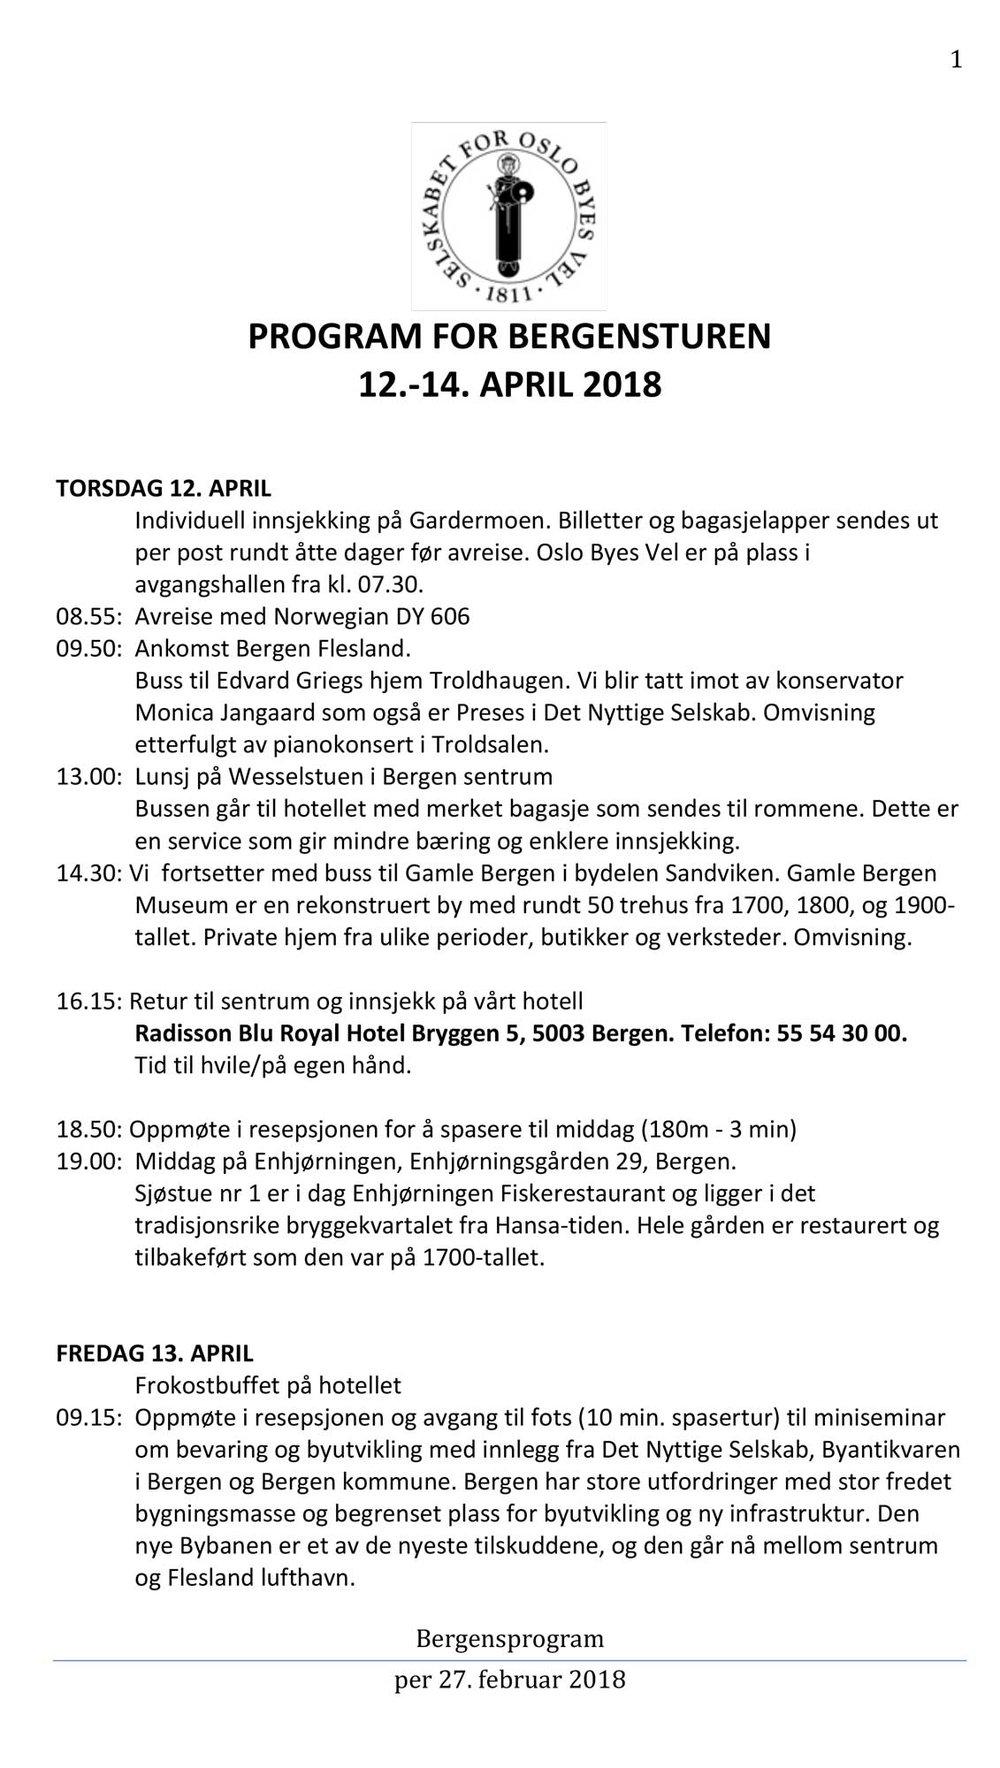 PROGRAM-BERGEN-per-27-februar-2018-1.jpg